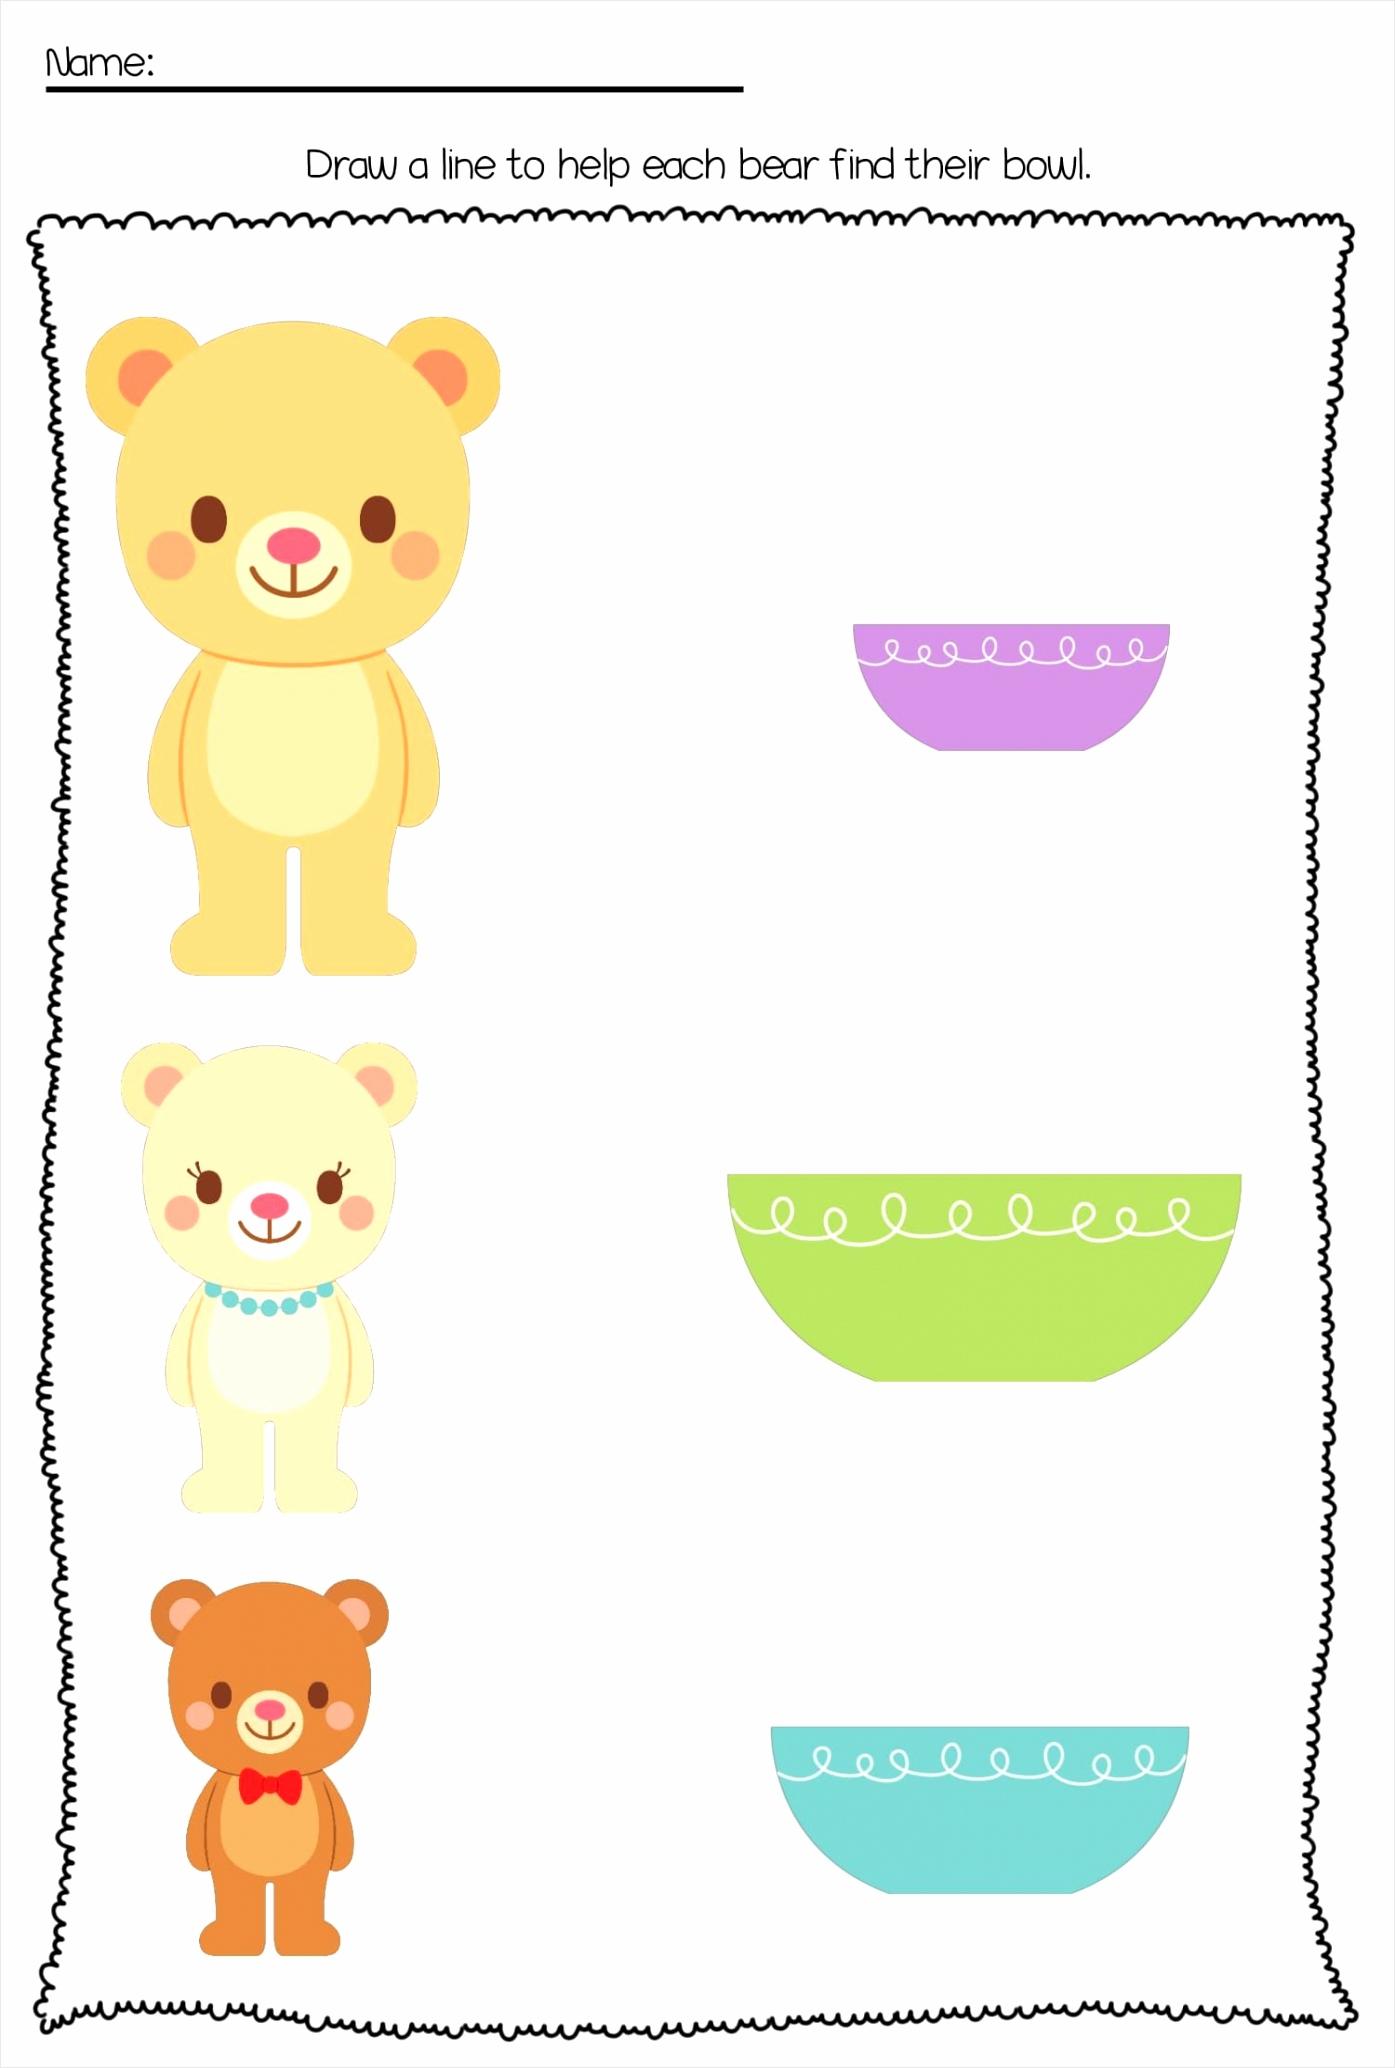 goudlokje en de 3 beren teoow